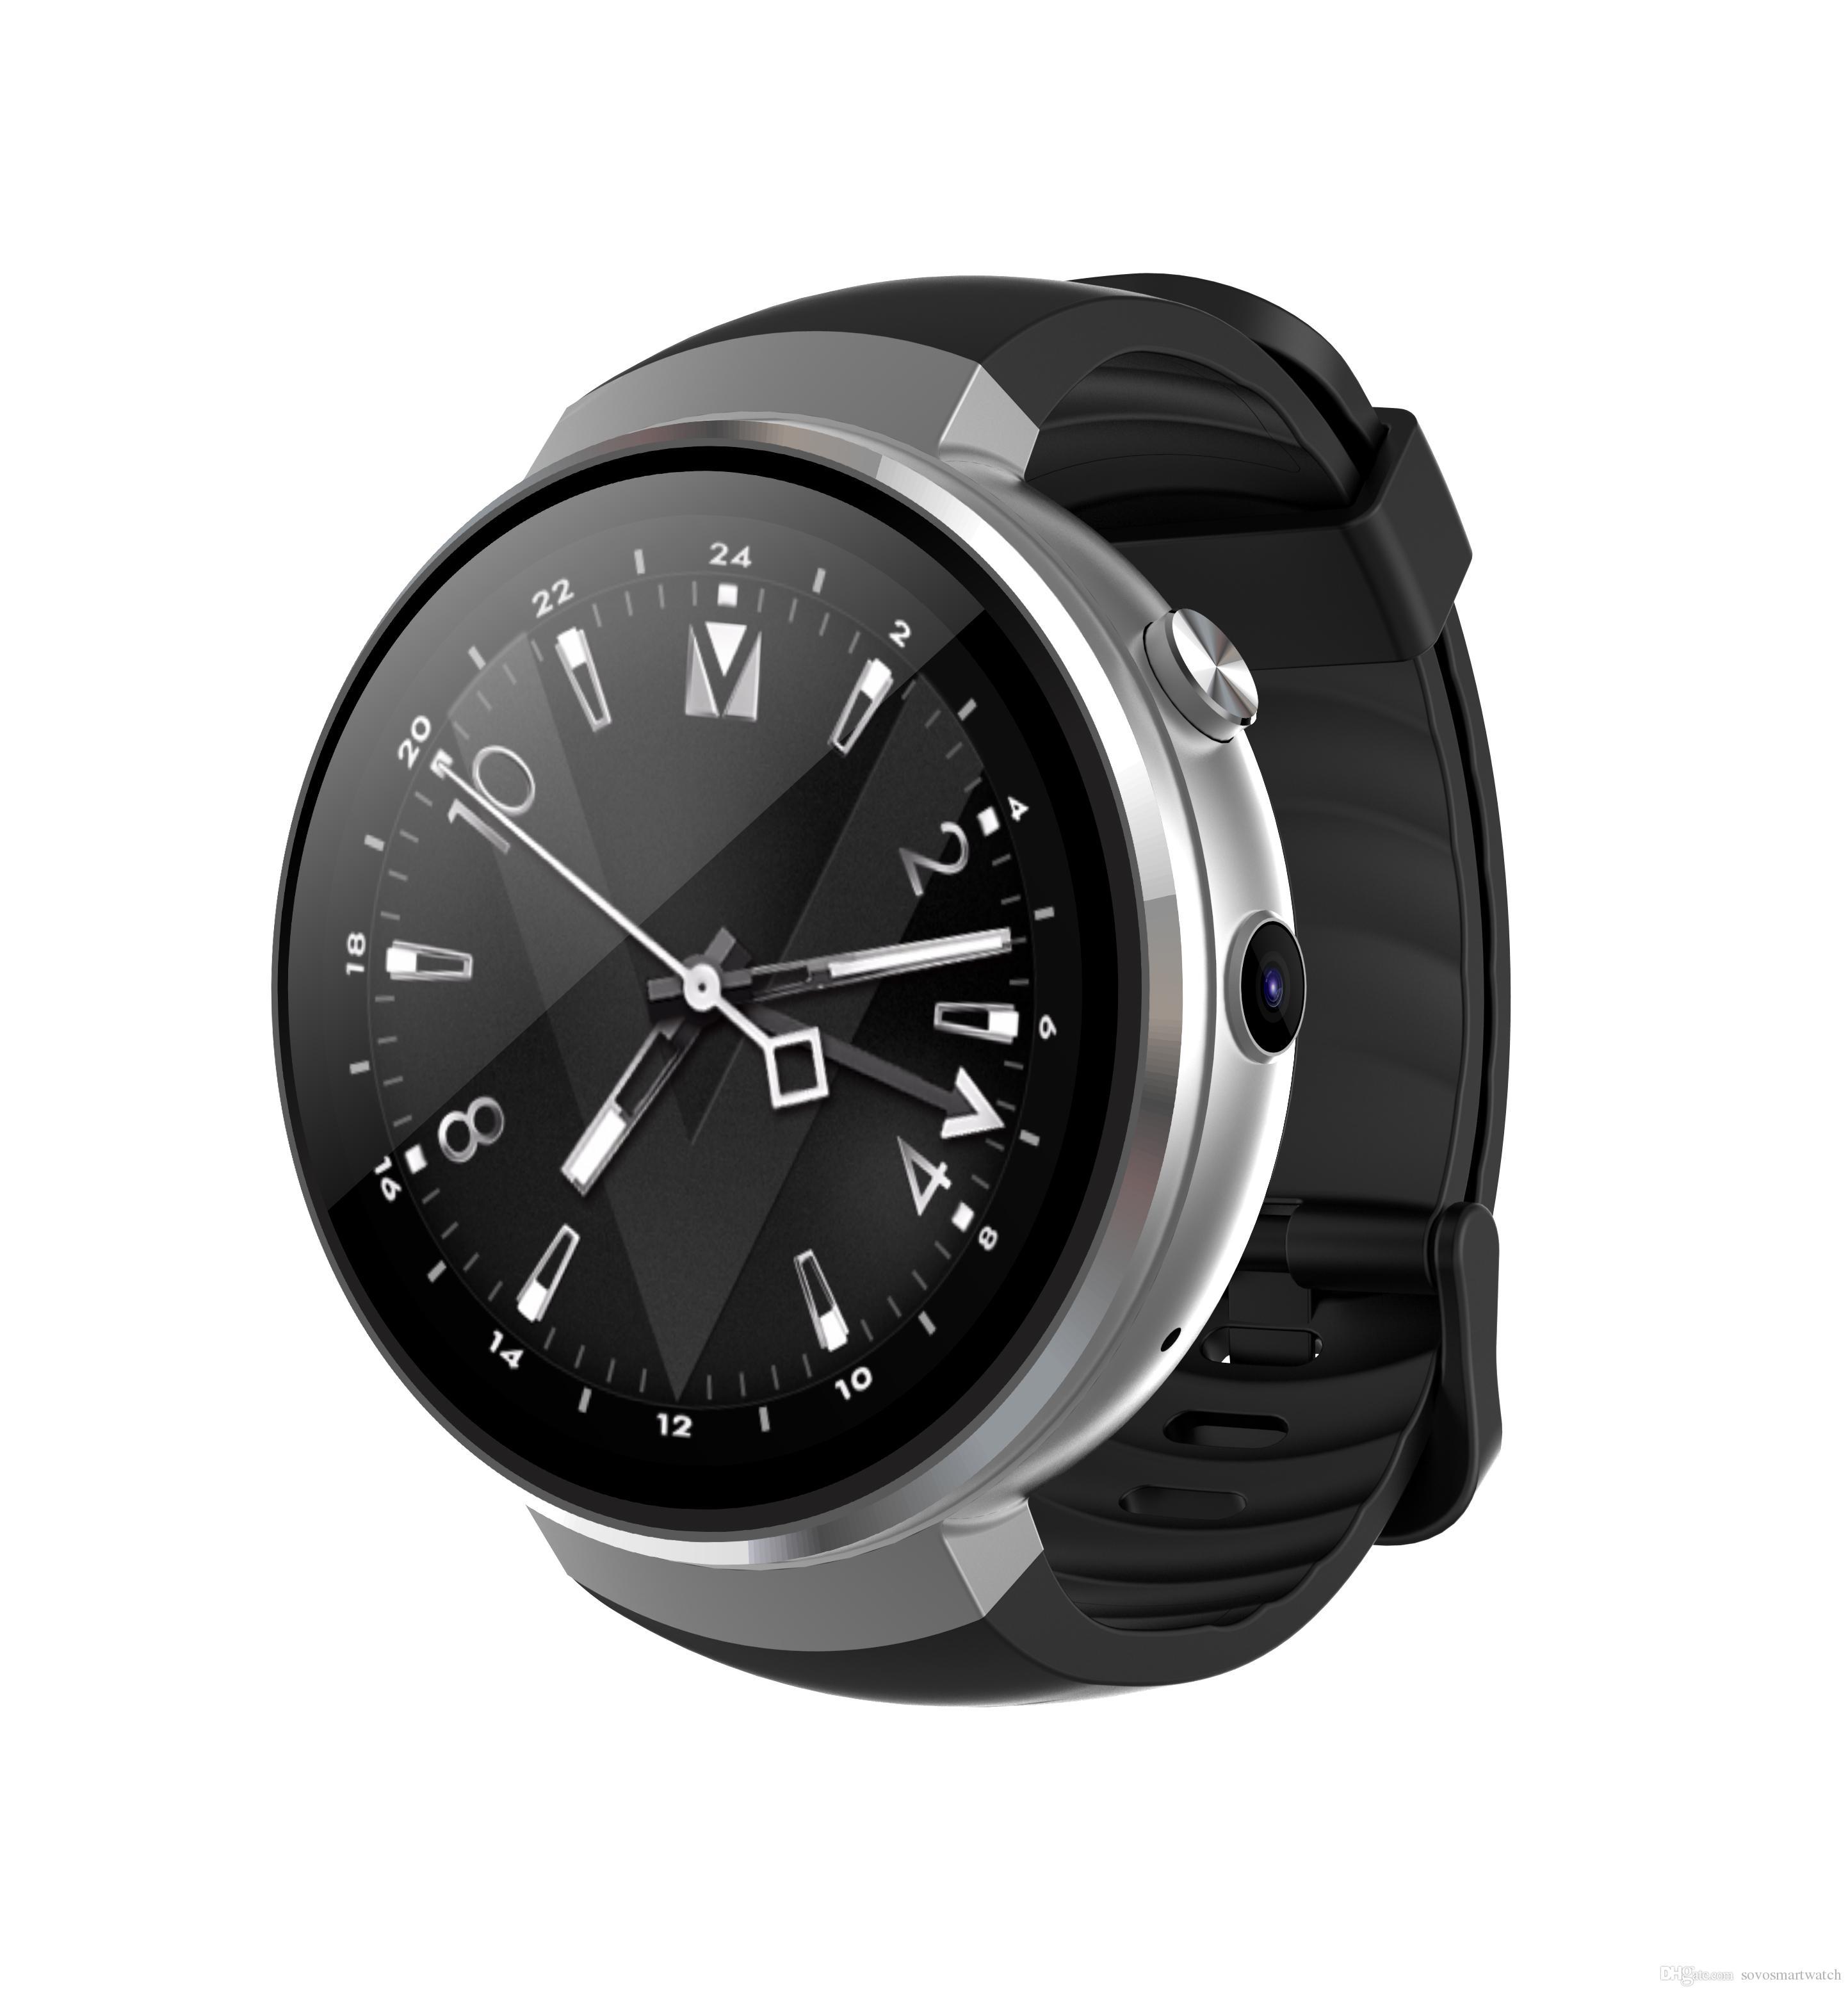 ساعة ذكية SOVO G101 4G LTE GPS V9 الذكية مع الكاميرا